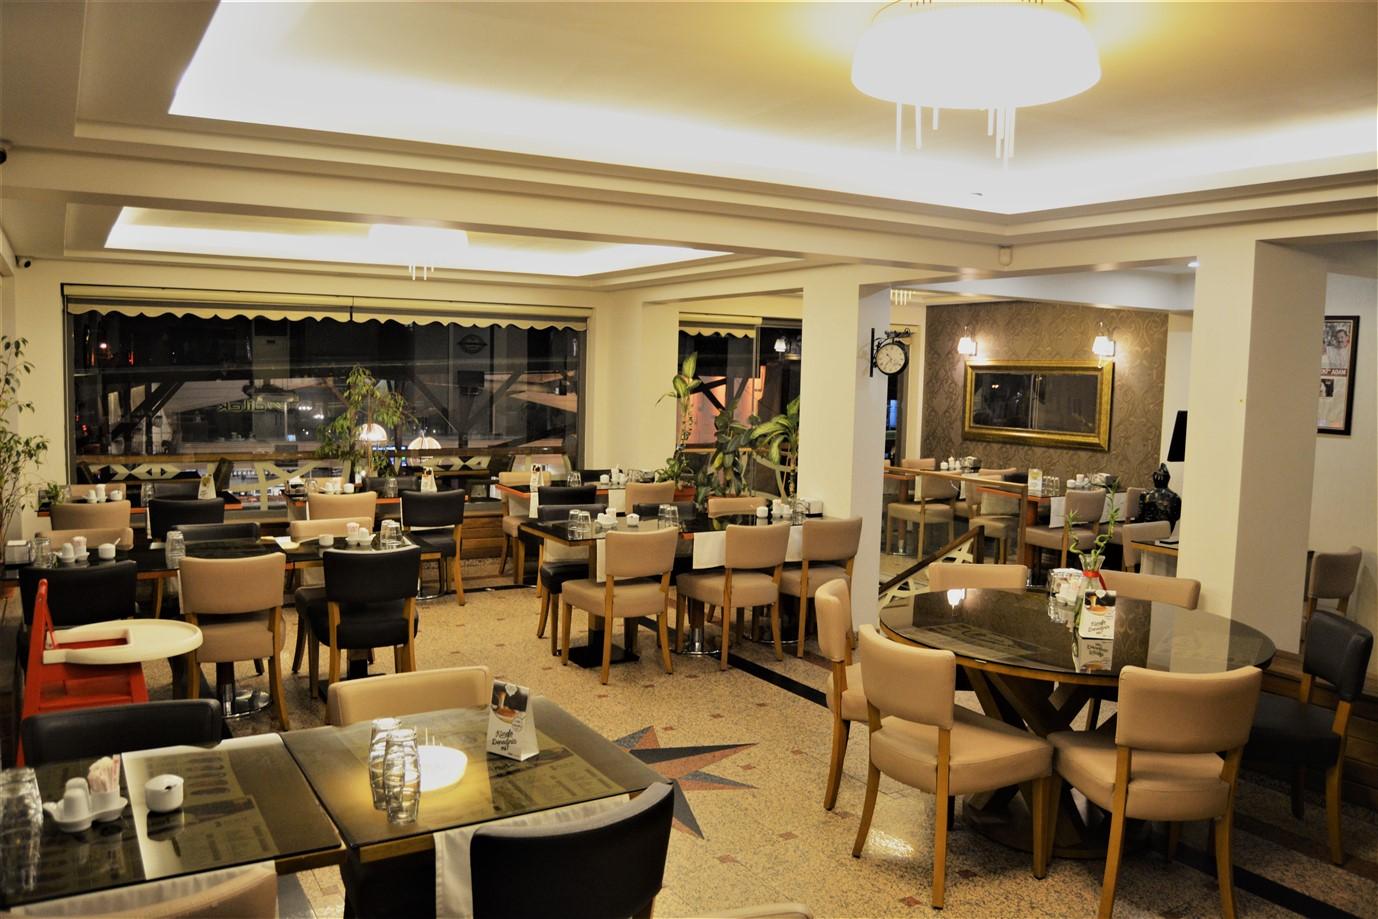 Dilek et restoran (29)